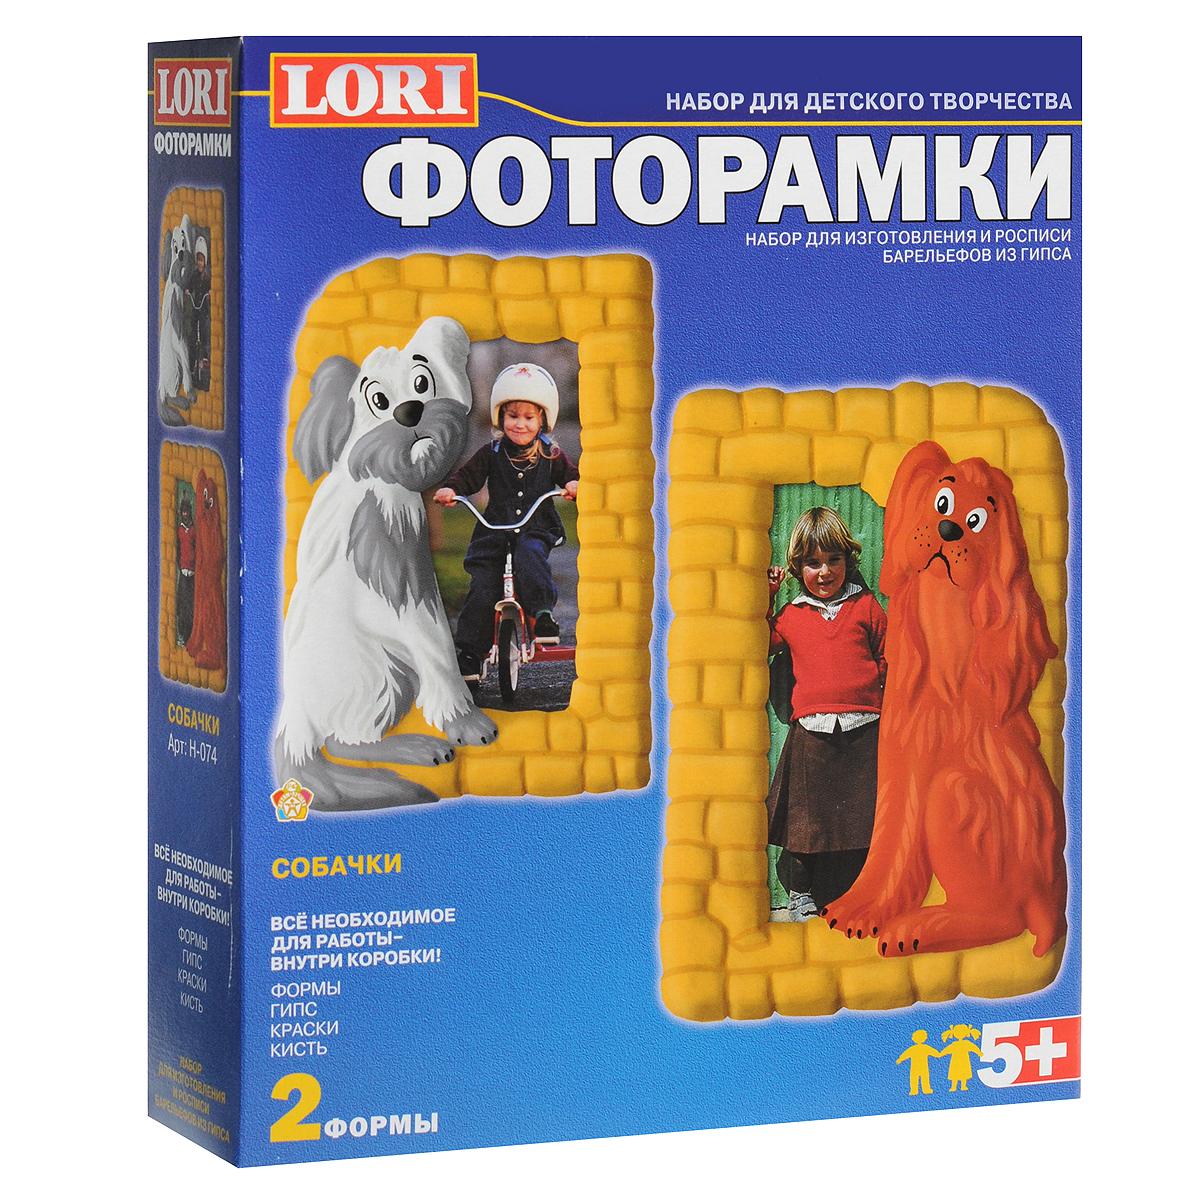 """Набор """"Фоторамки """"Собачки"""" позволит вашему ребенку своими руками изготовить две фоторамки, на каждой из которых изображена собачка. Сделать их очень просто: нужно залить гипс в форму, подождать пока он высохнет, и раскрасить, как подскажет фантазия ребенка. Поможет в этом подробная инструкция на русском языке и контейнер с кистью и акварельными красками шести цветов, которые входят в комплект. Увлекательный и познавательный процесс создания и раскрашивания фоторамок из гипса поможет ребенку максимально проявить свои художественные способности и фантазию. Подарите своему ребенку возможность почувствовать себя настоящим скульптором!"""